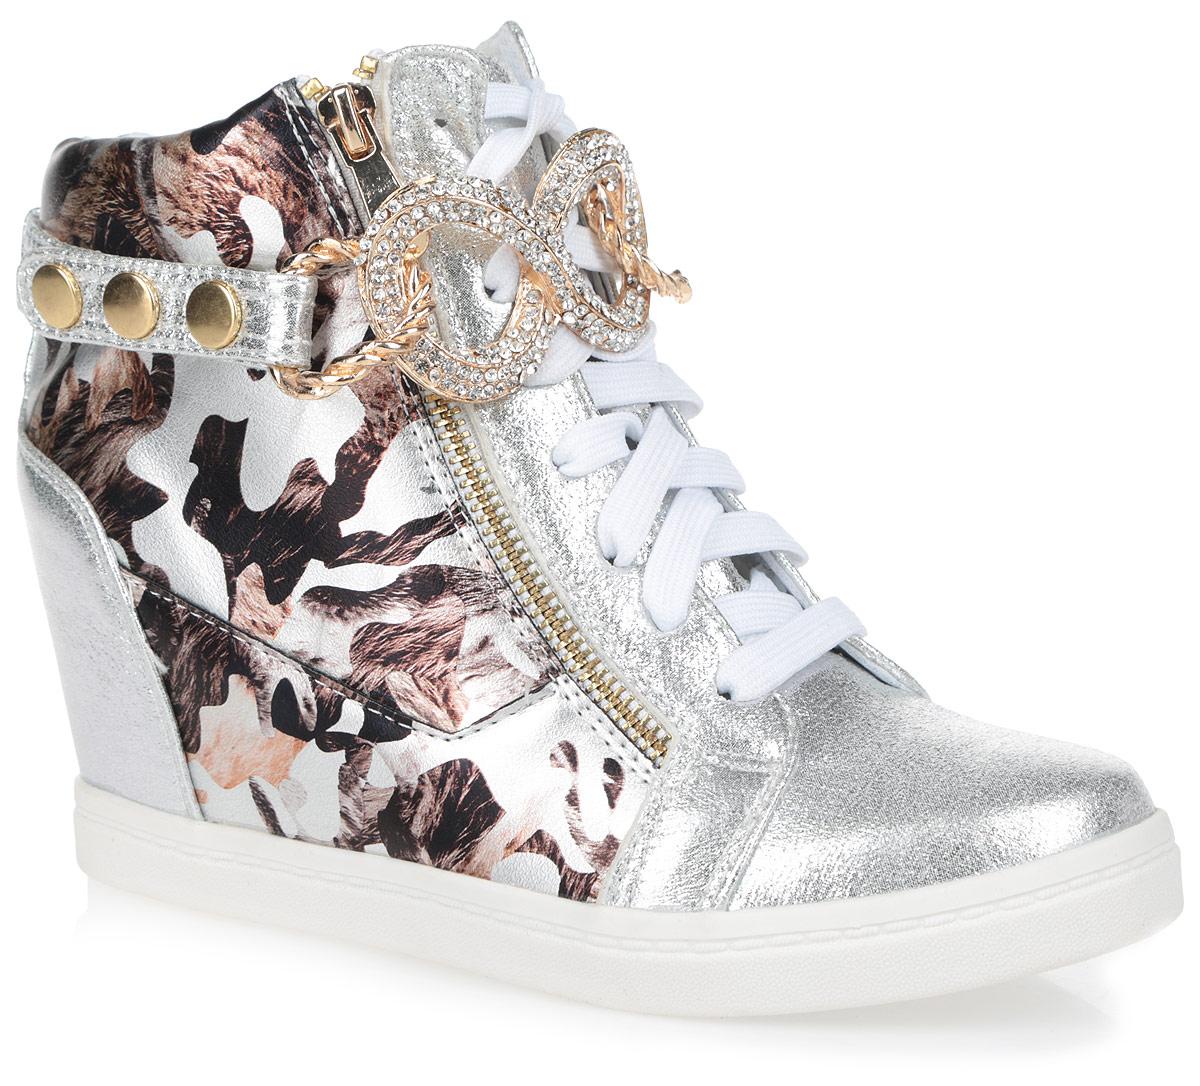 Сникерсы женские. 9150-10329150-1032/SILVERИзящные женские сникерсы Burlesque заинтересуют вас своим дизайном. Модель выполнена из комбинации текстиля с блестящей поверхностью и искусственной кожи, оформленной оригинальным принтом. Верх изделия дополнен шнуровкой, которая надежно зафиксирует обувь на ноге и отрегулирует объем. По бокам сникерсы оформлены двумя металлическими молниями с покрытием под золото, одна из которых функциональная, а другая - декоративная. Подкладка, изготовленная из текстиля, и стелька - из ЭВА материала с покрытием из искусственной кожи, обеспечат ногам уют. Голенище украшено декоративным ремешком со стильной фурнитурой, инкрустированной стразами, который застегивается на кнопки. Танкетка умеренной высоты - устойчива. Подошва из полимерного термопластичного материала с рельефным протектором обеспечивает отличное сцепление с любой поверхностью. В этих сникерсах вашим ногам будет комфортно и уютно. Они подчеркнут ваш стиль и индивидуальность.